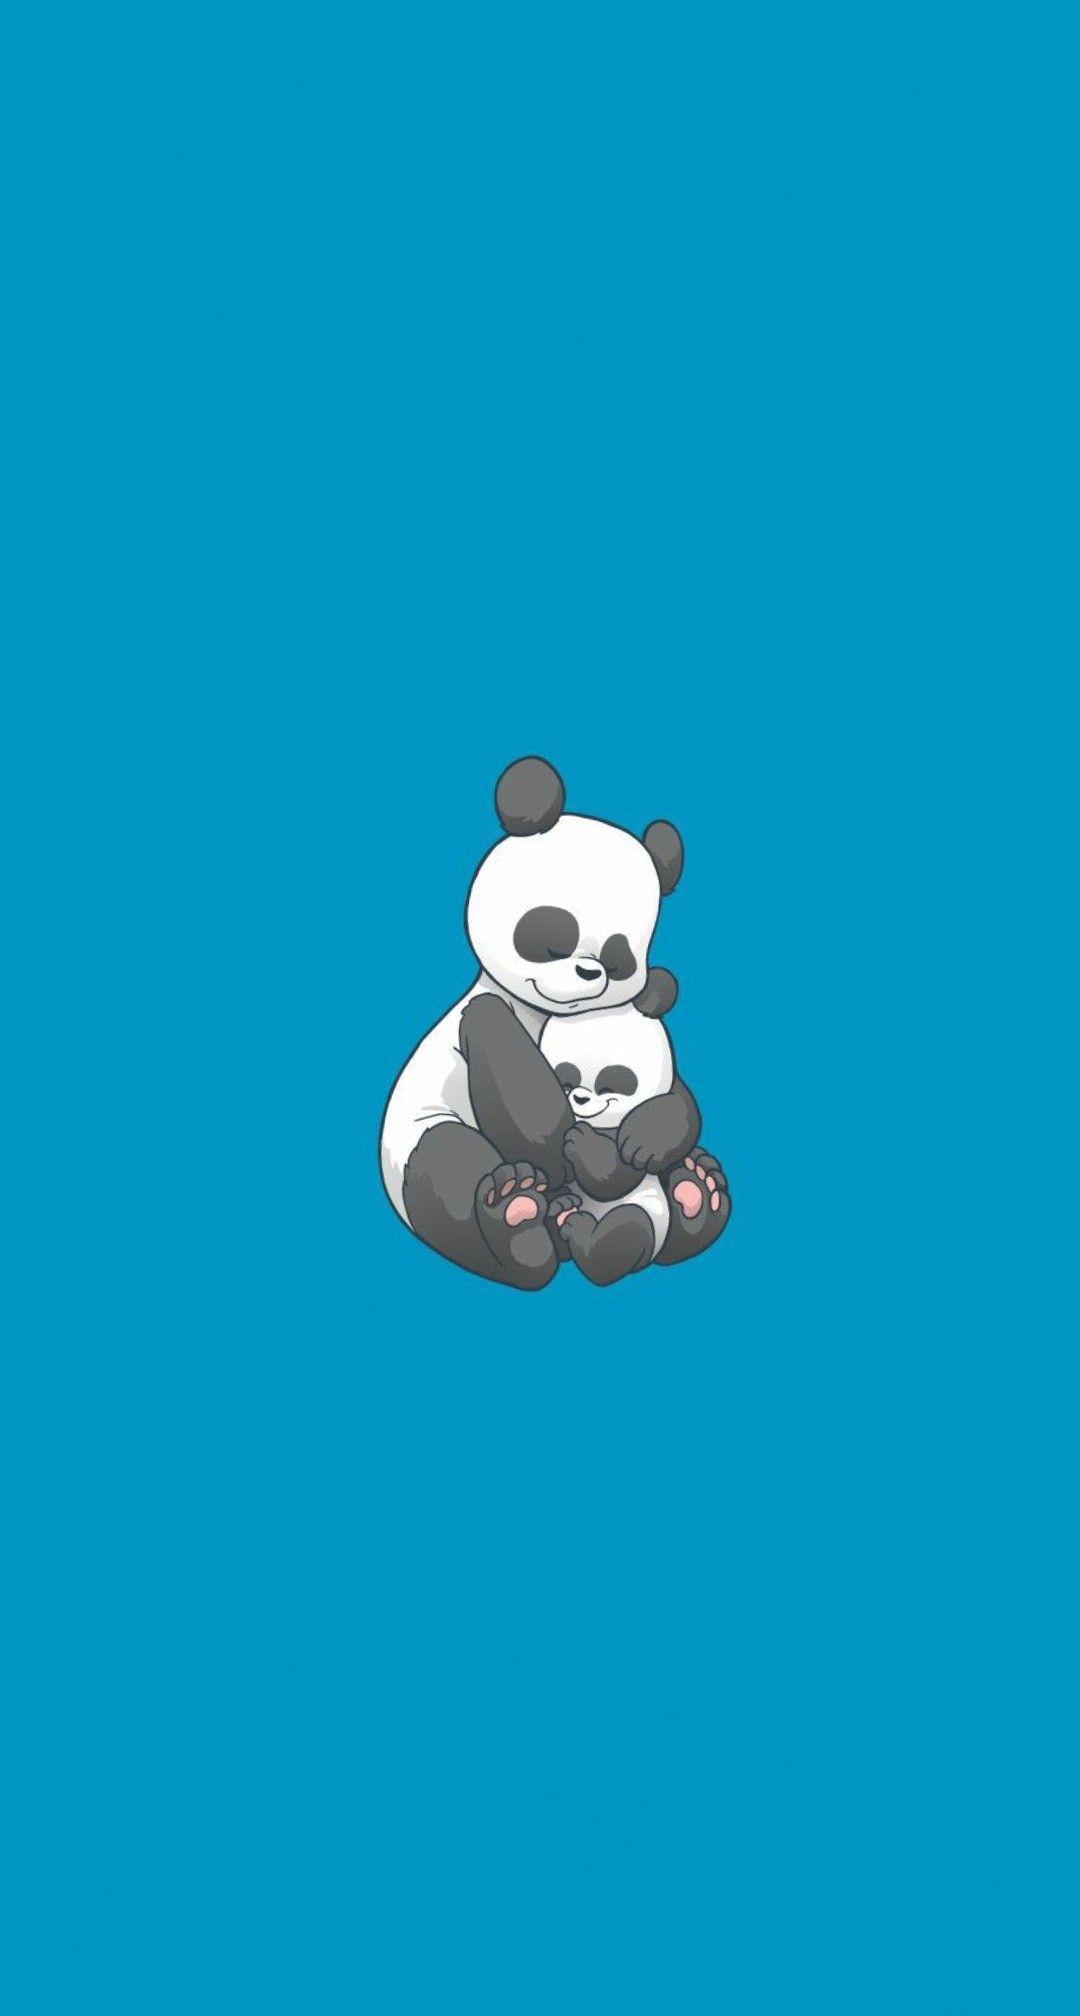 Idea by Triziachickz on Character Panda wallpapers